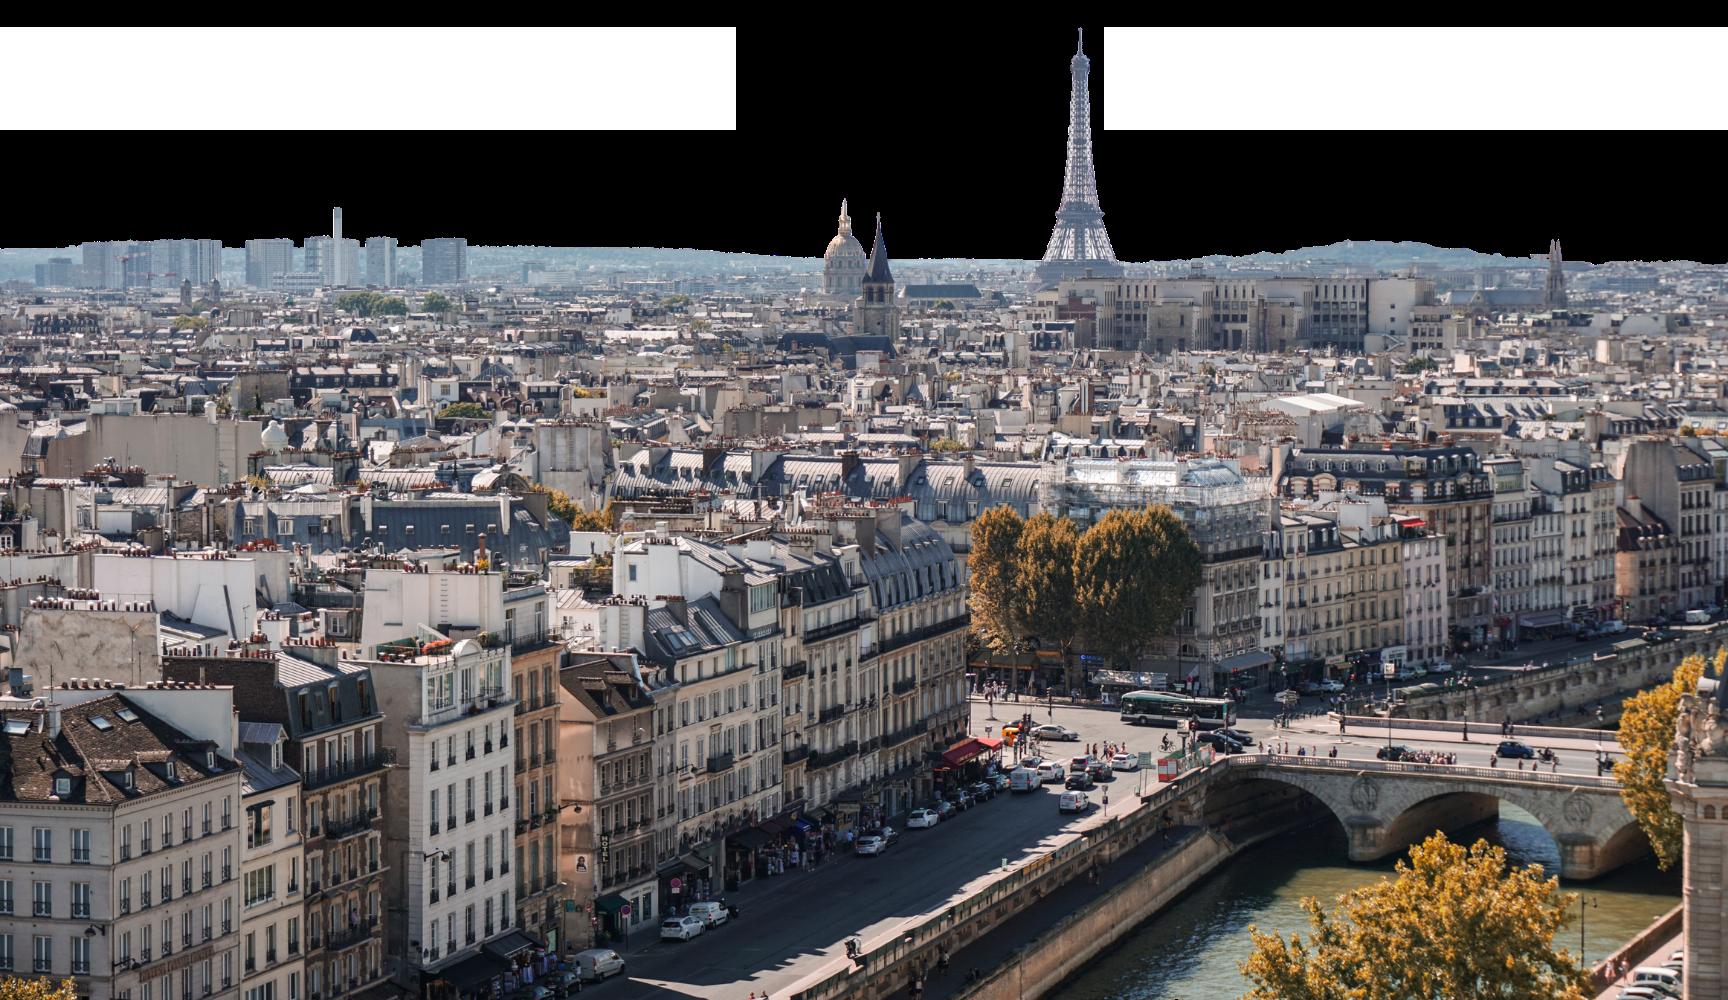 La ville de Paris vue du ciel avec la Tour Eiffel à l'horizon